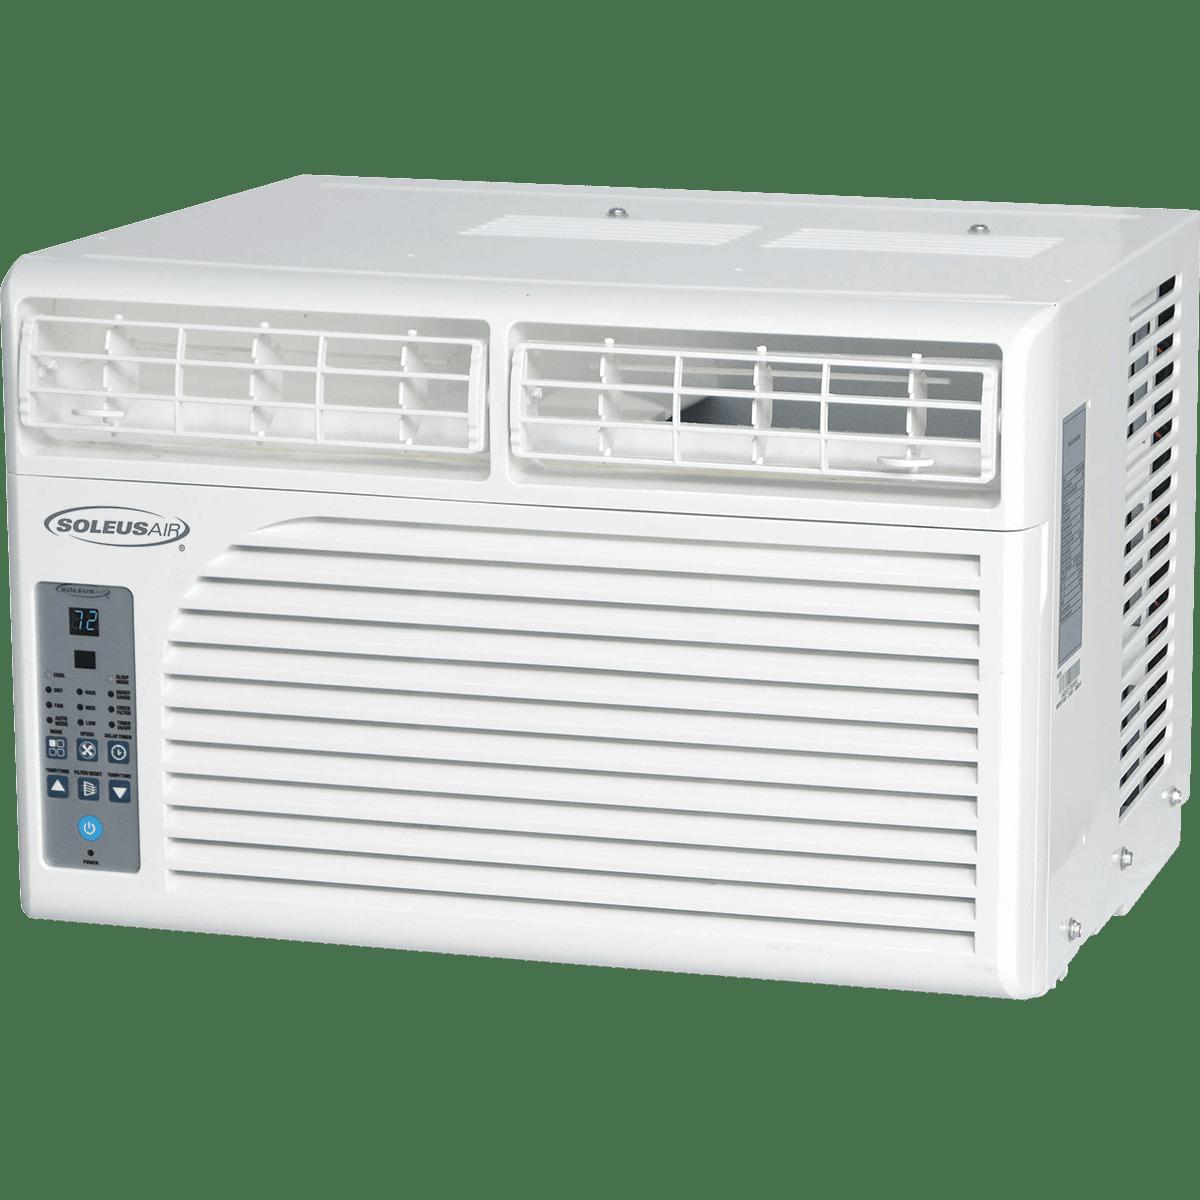 Soleus Air 8500 BTU Window Air Conditioner WS1-08E-01